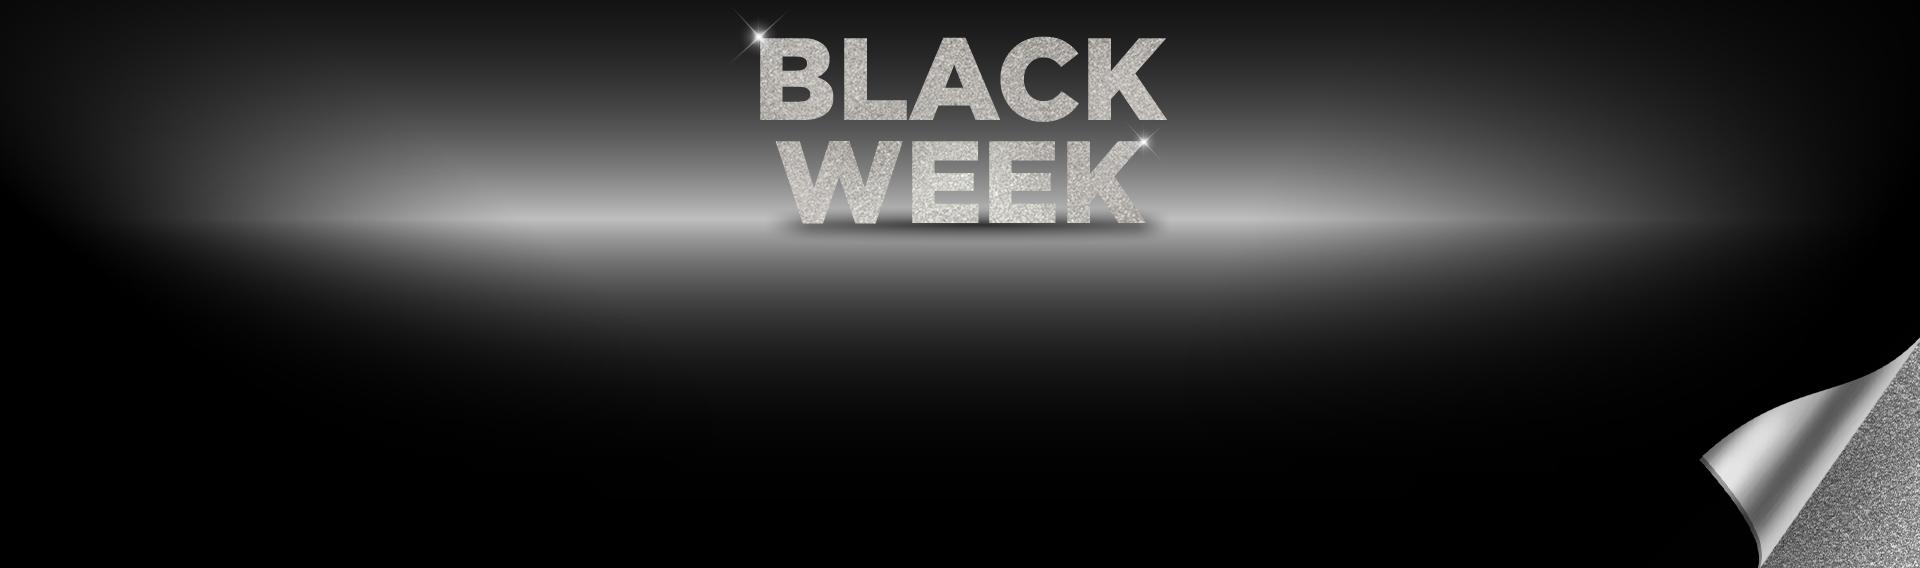 Black Week. Ahorra hasta 23%* ¡Las mejores ofertas del año están aquí!